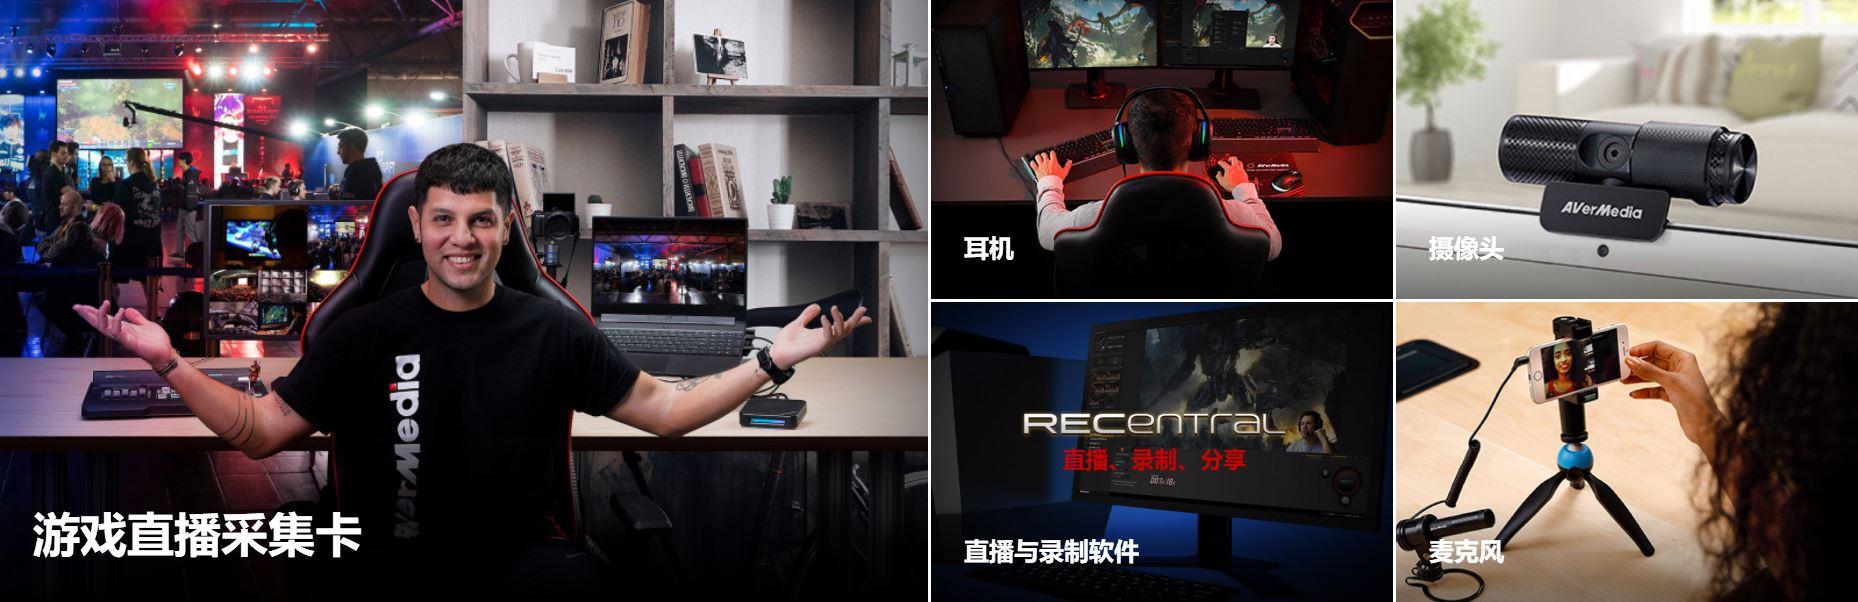 网络直播硬件博览会即将在上海召开,圆刚邀请您来参观